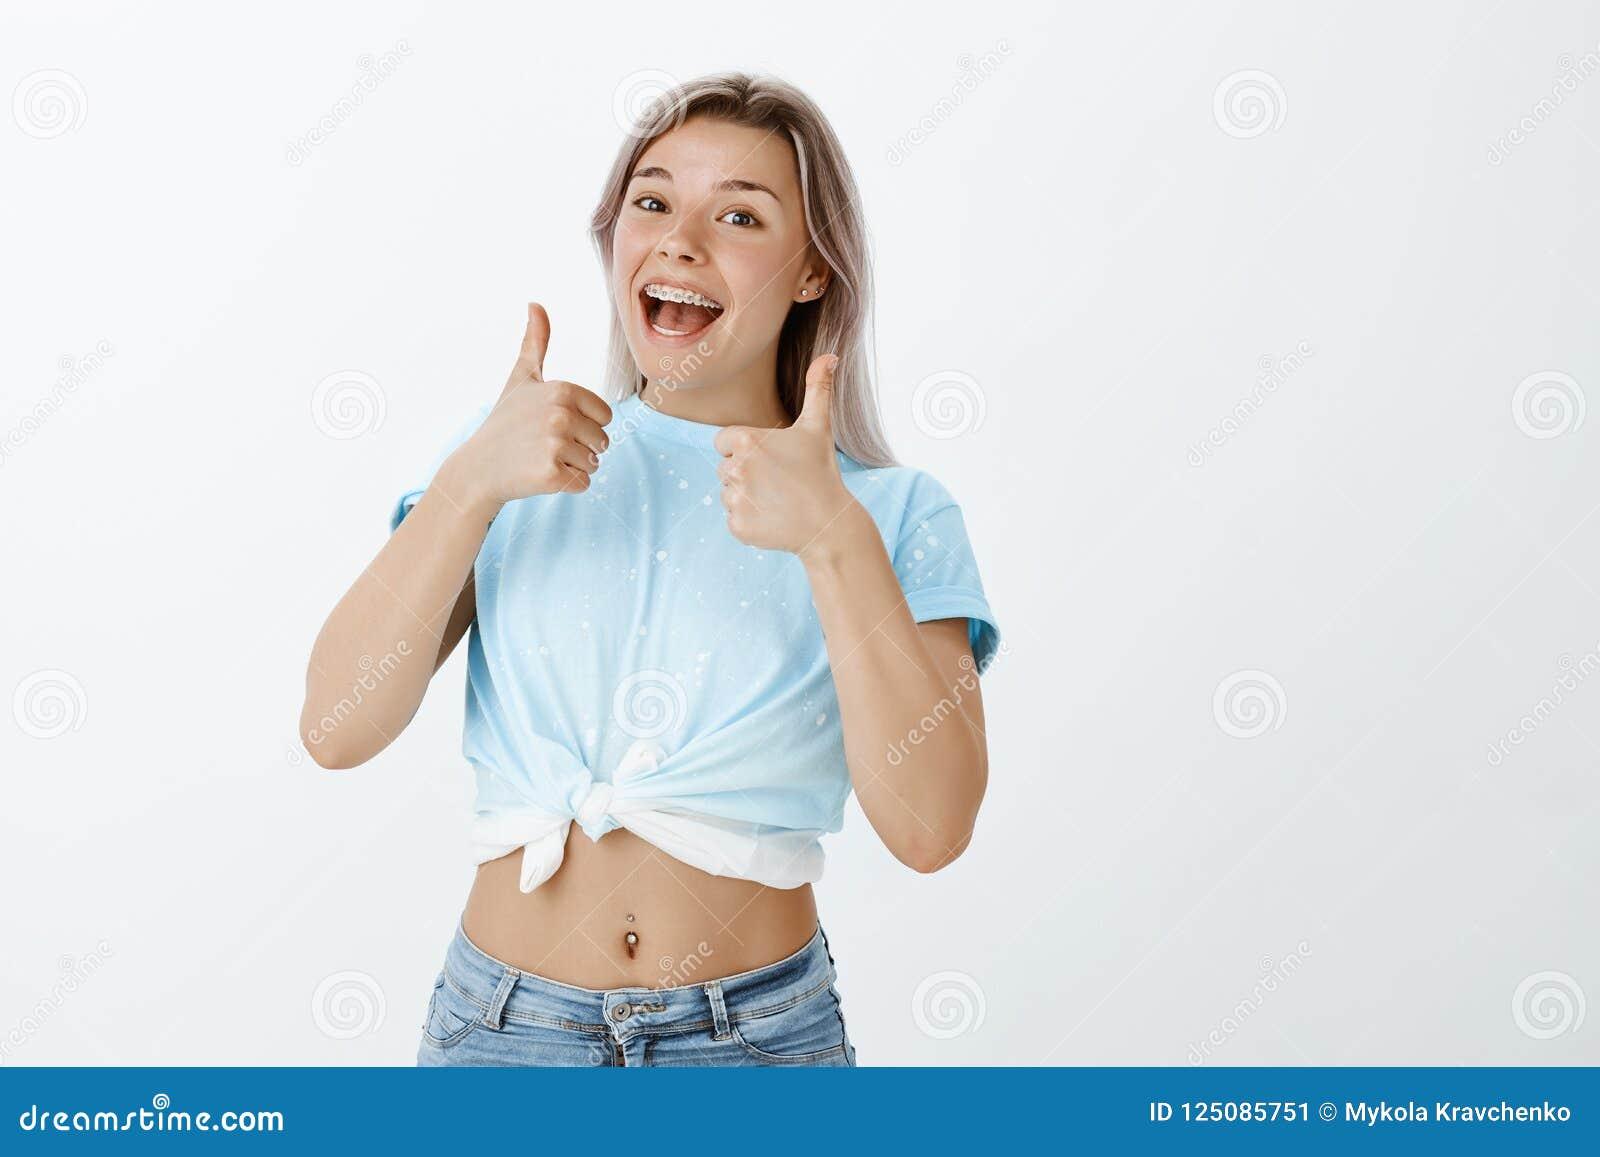 Zdecydowanie zatwierdzam twój wybór Portret pozytywna atrakcyjna europejska kobieta z uczciwym włosy i brasami, pokazuje